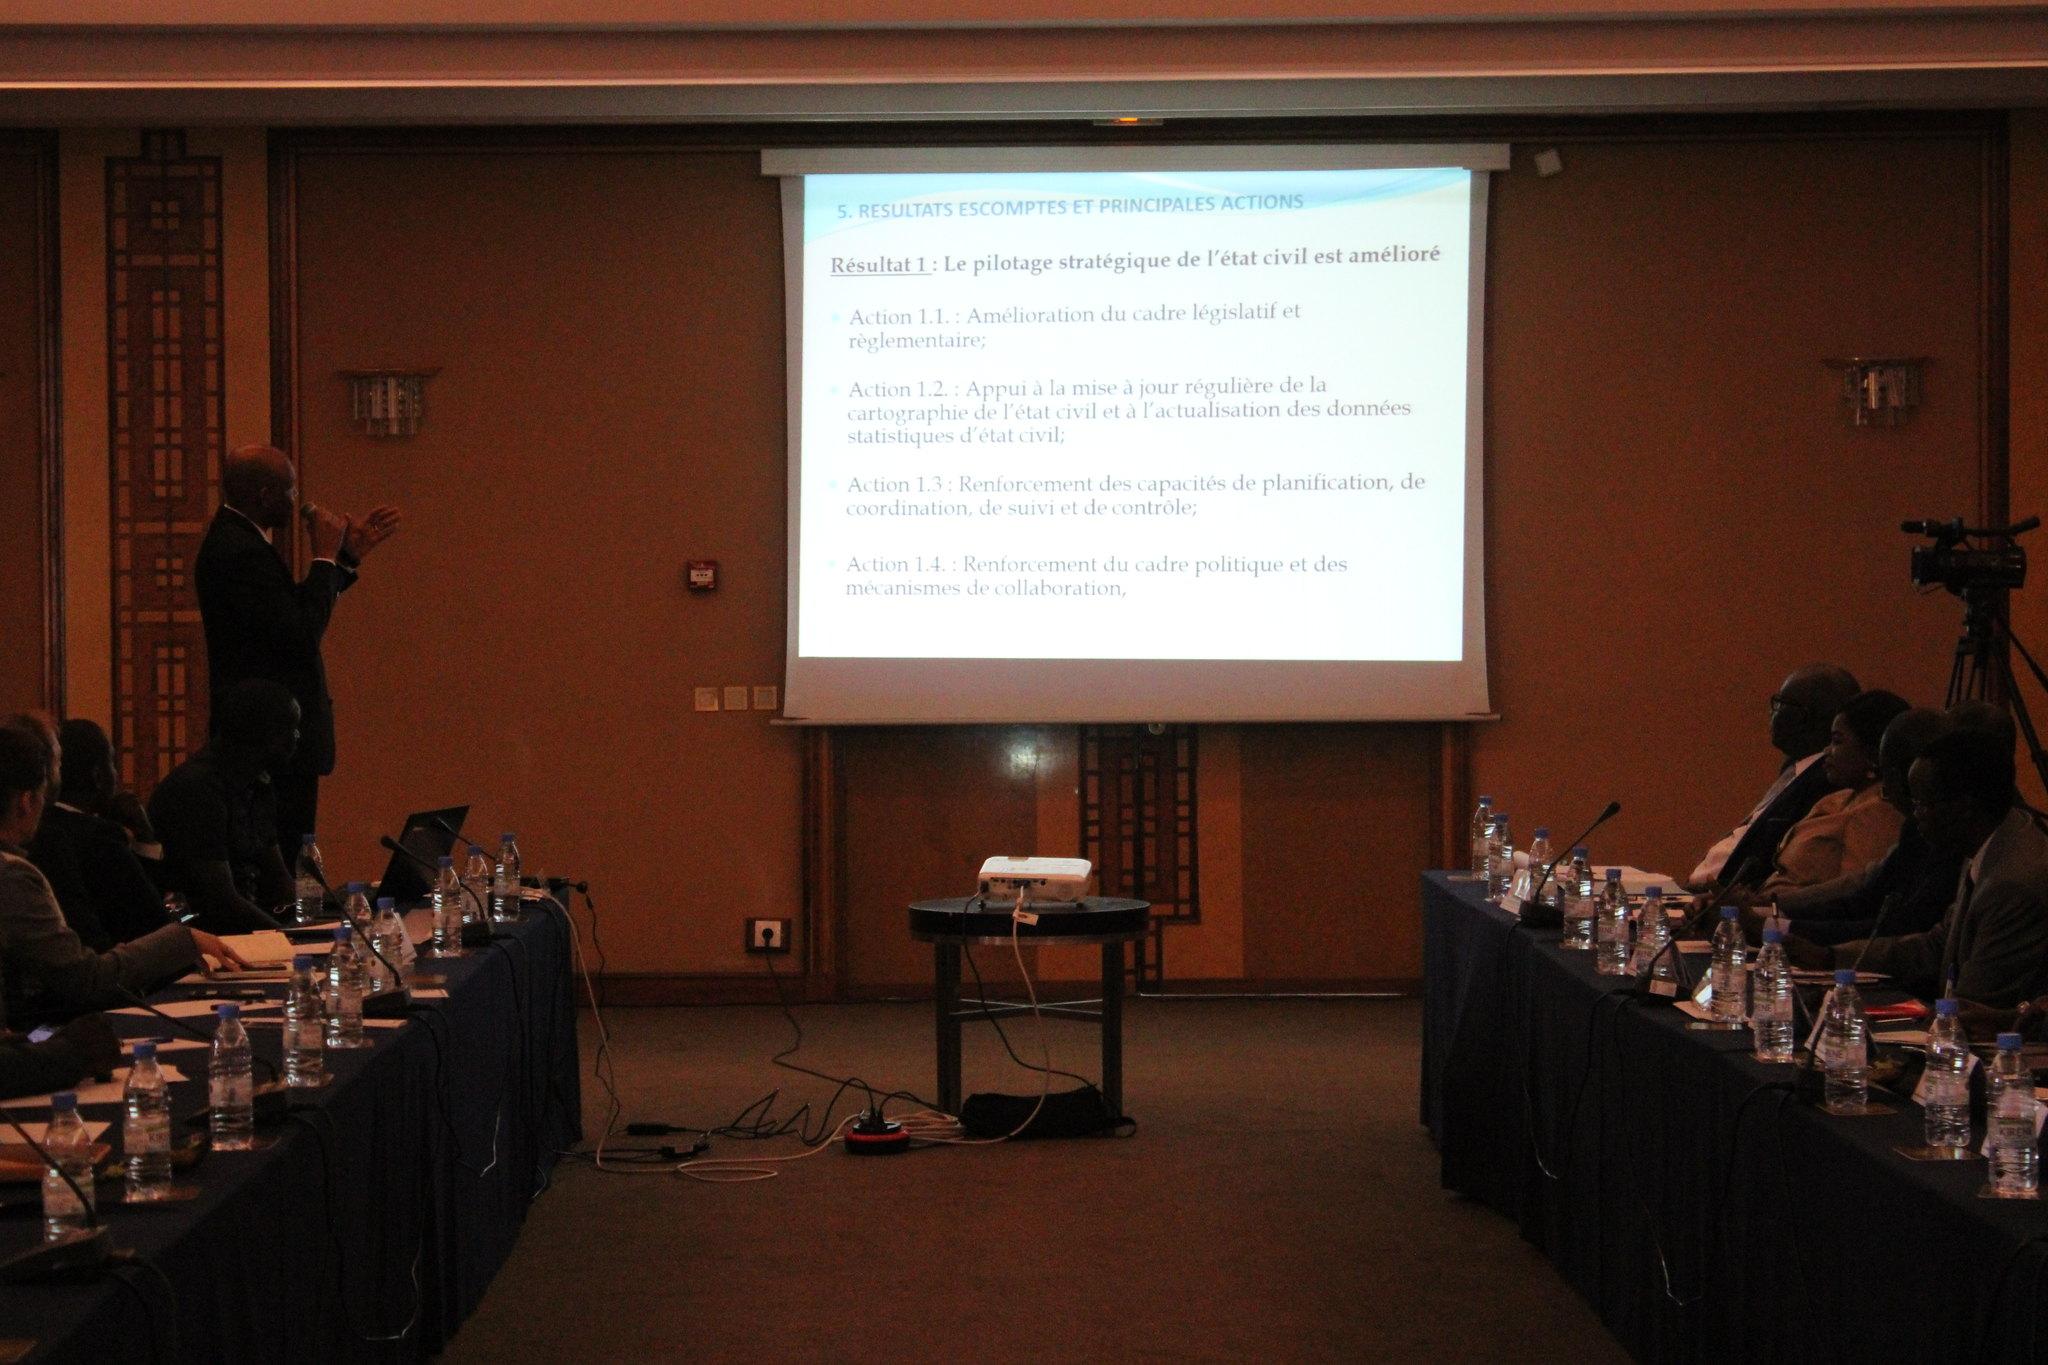 Programme Direction Etat Civil, Modernisation de l'Etat Civil au Sénégal, Aliou Ousmane Sall Directeur de l'Etat Civil Sénégal (12)